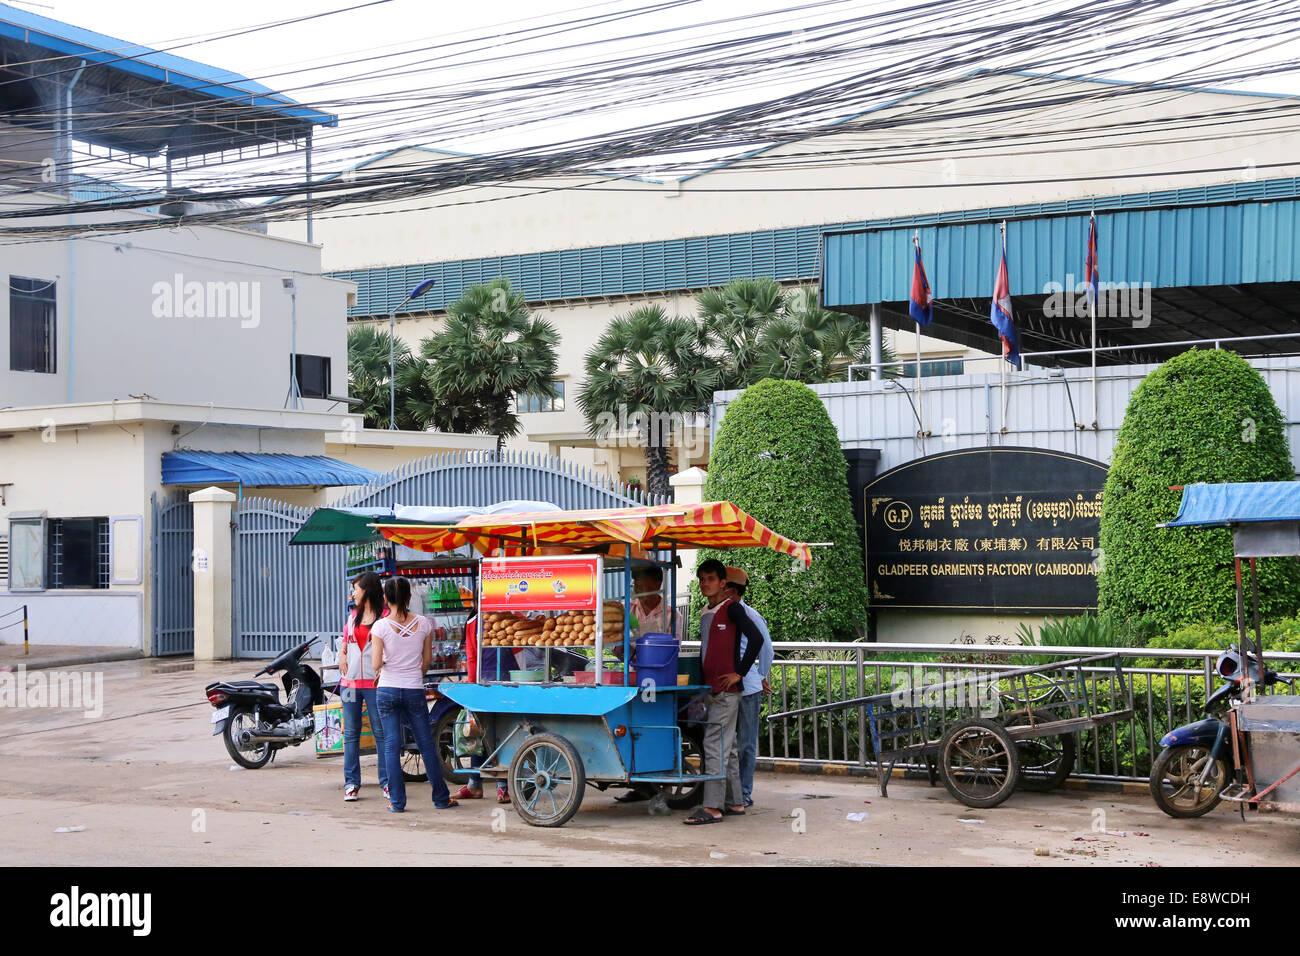 Porte d'une usine de textile dans la zone industrielle de Pochentong à Phnom Penh, Cambodge. Photo Stock